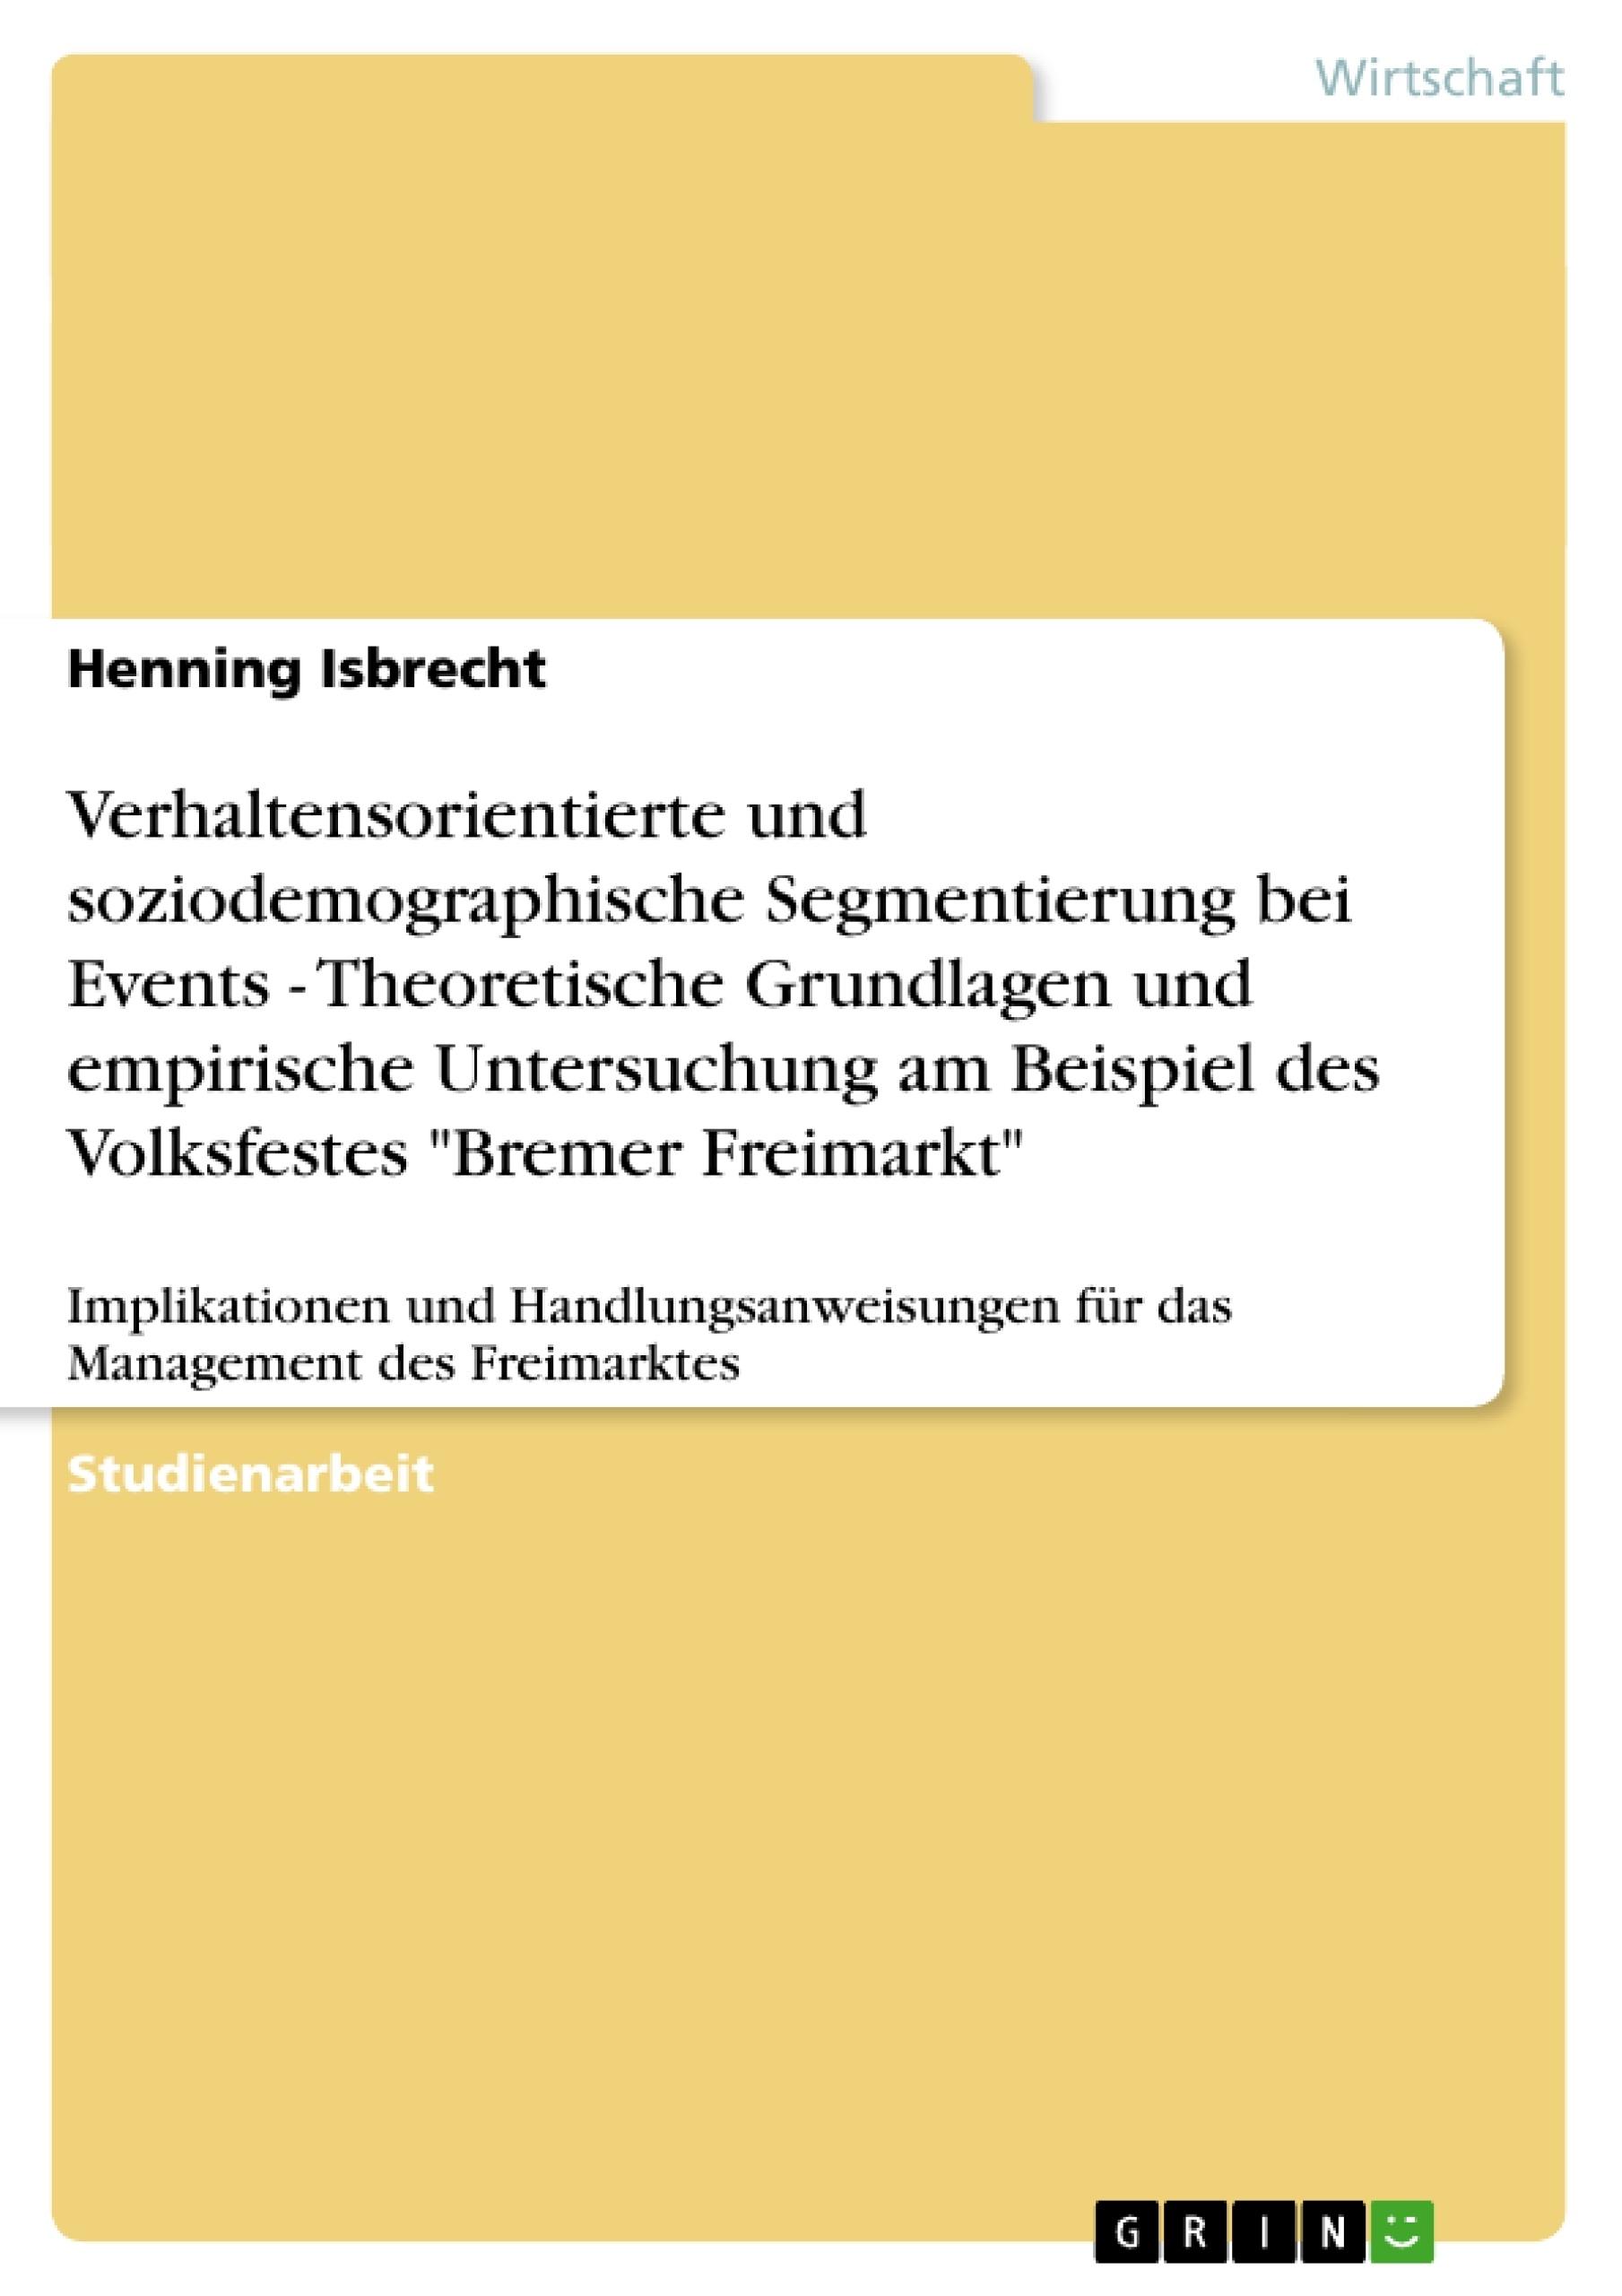 """Titel: Verhaltensorientierte und soziodemographische Segmentierung bei Events - Theoretische Grundlagen und empirische Untersuchung am Beispiel des Volksfestes """"Bremer Freimarkt"""""""